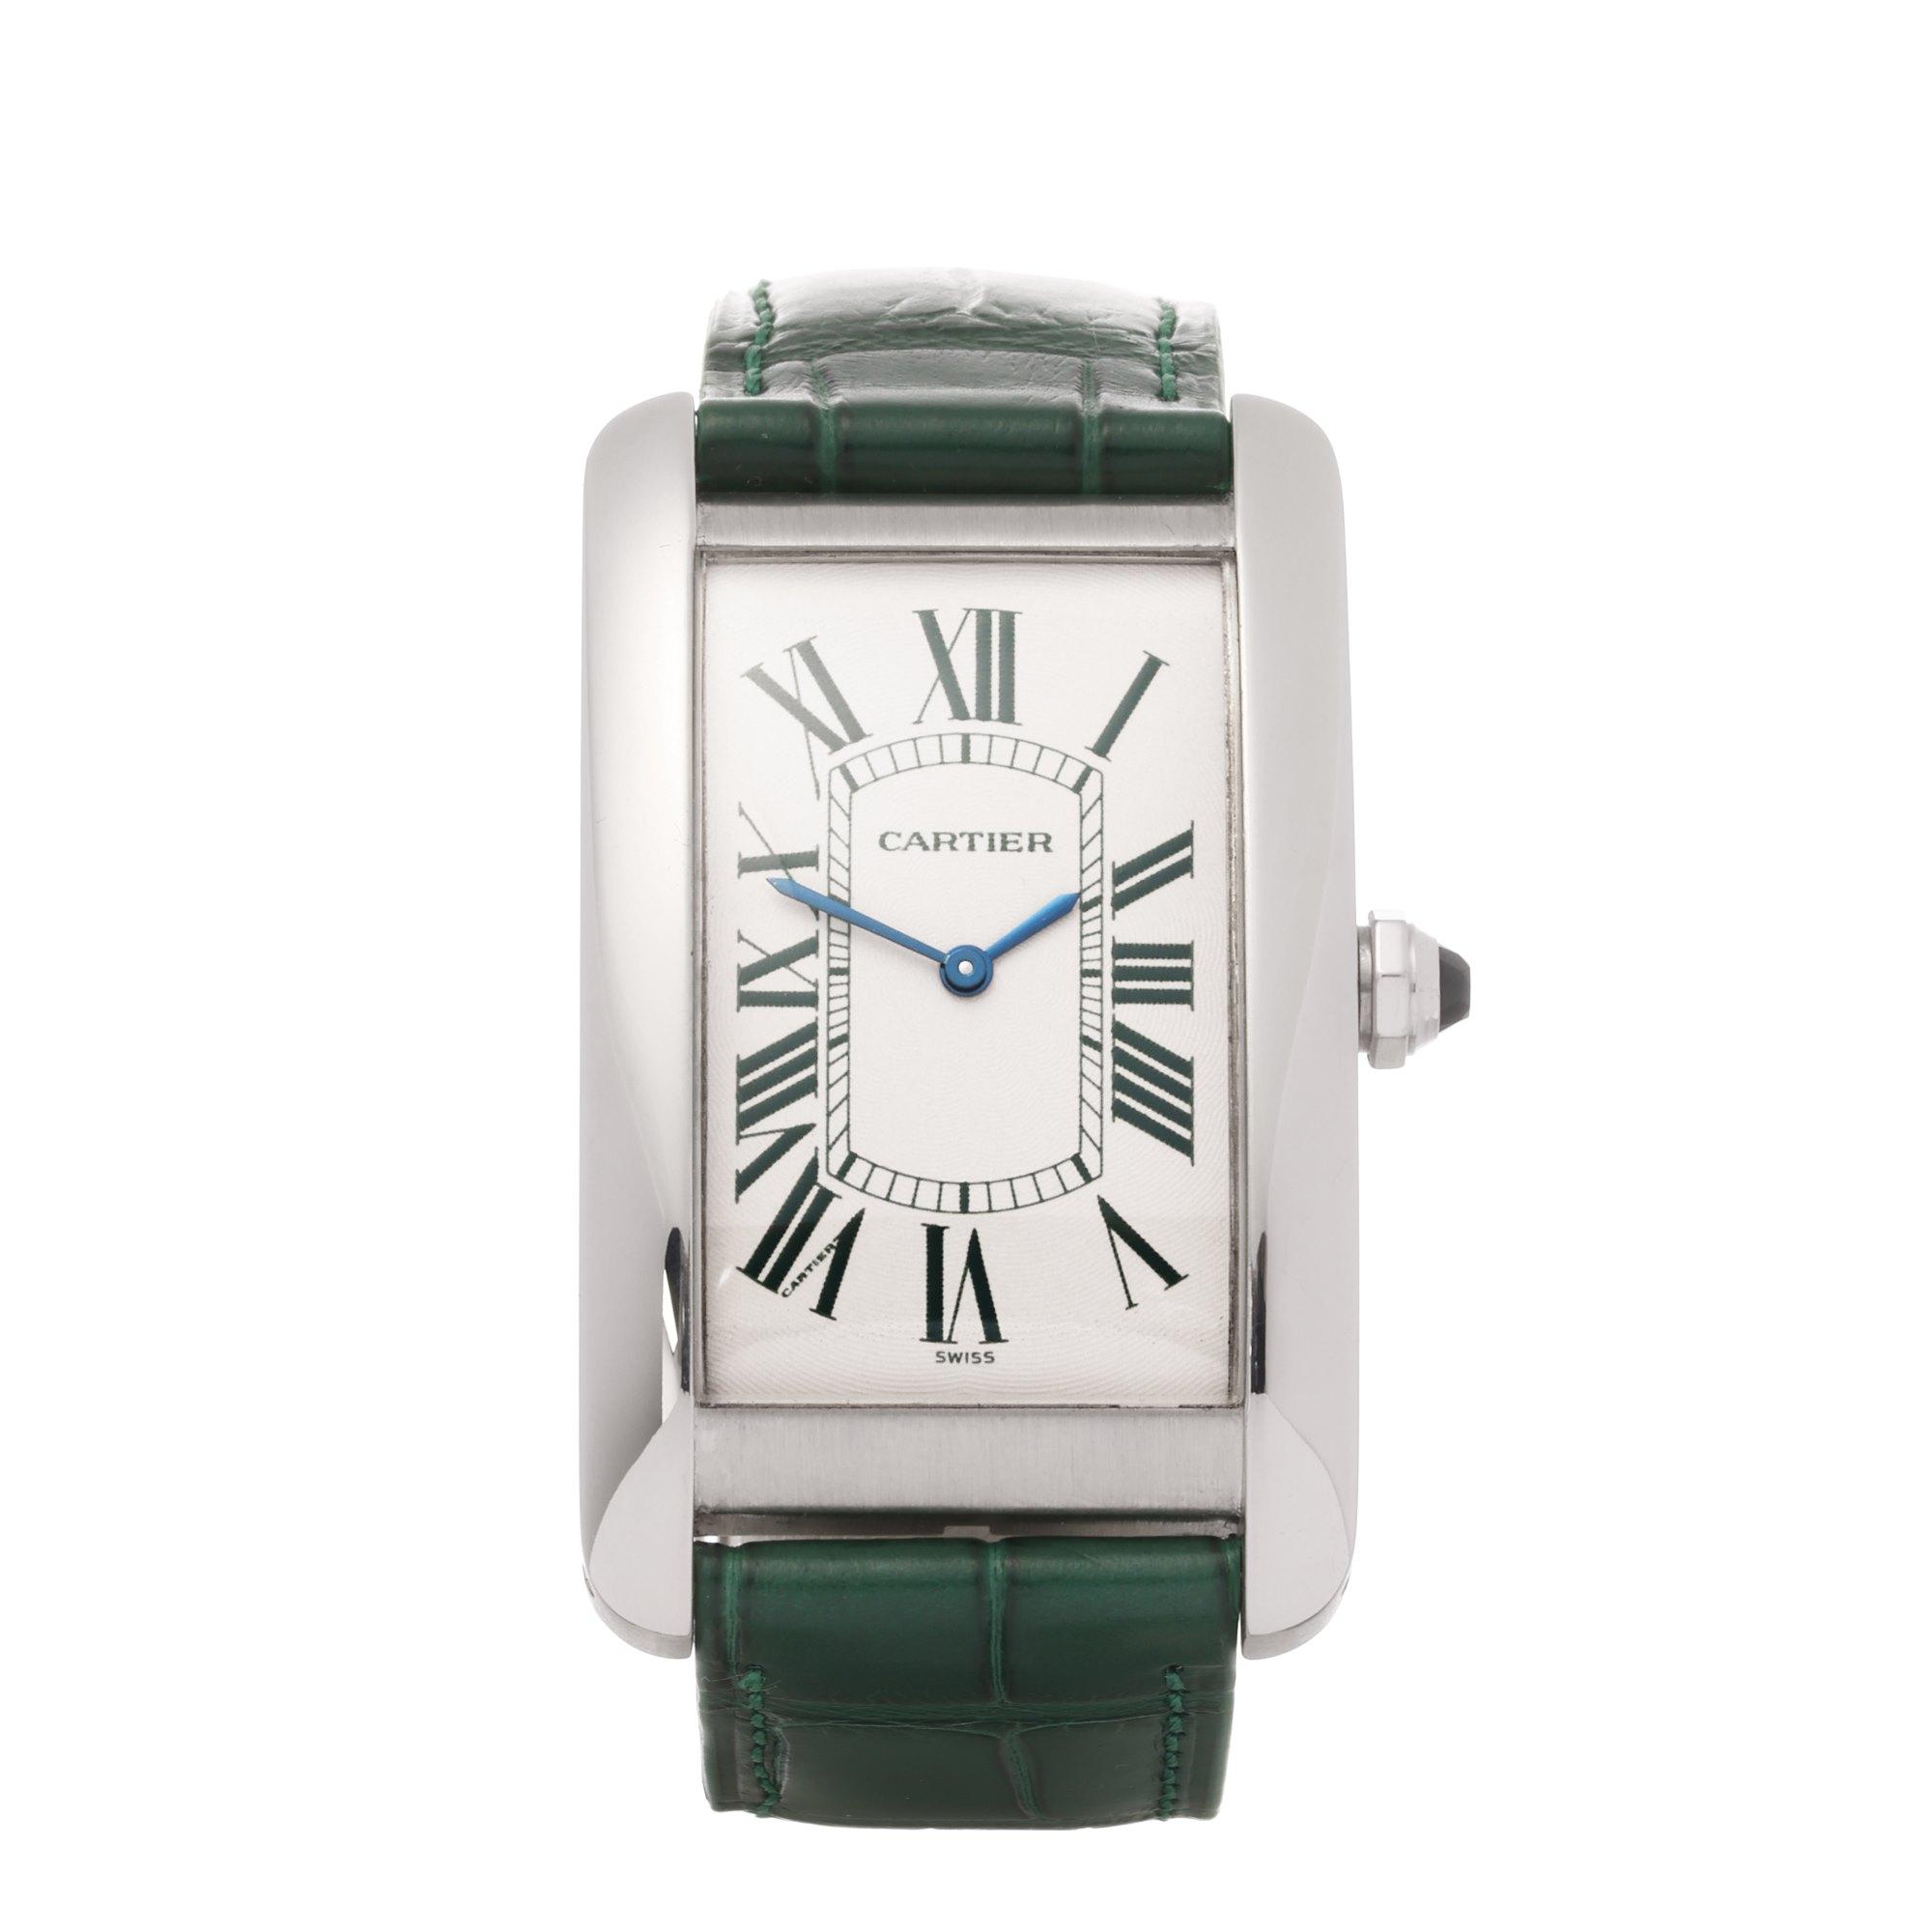 Cartier Tank Americaine Limited Edition of 30 Pieces Platinum - 1734D Platinum 1734D